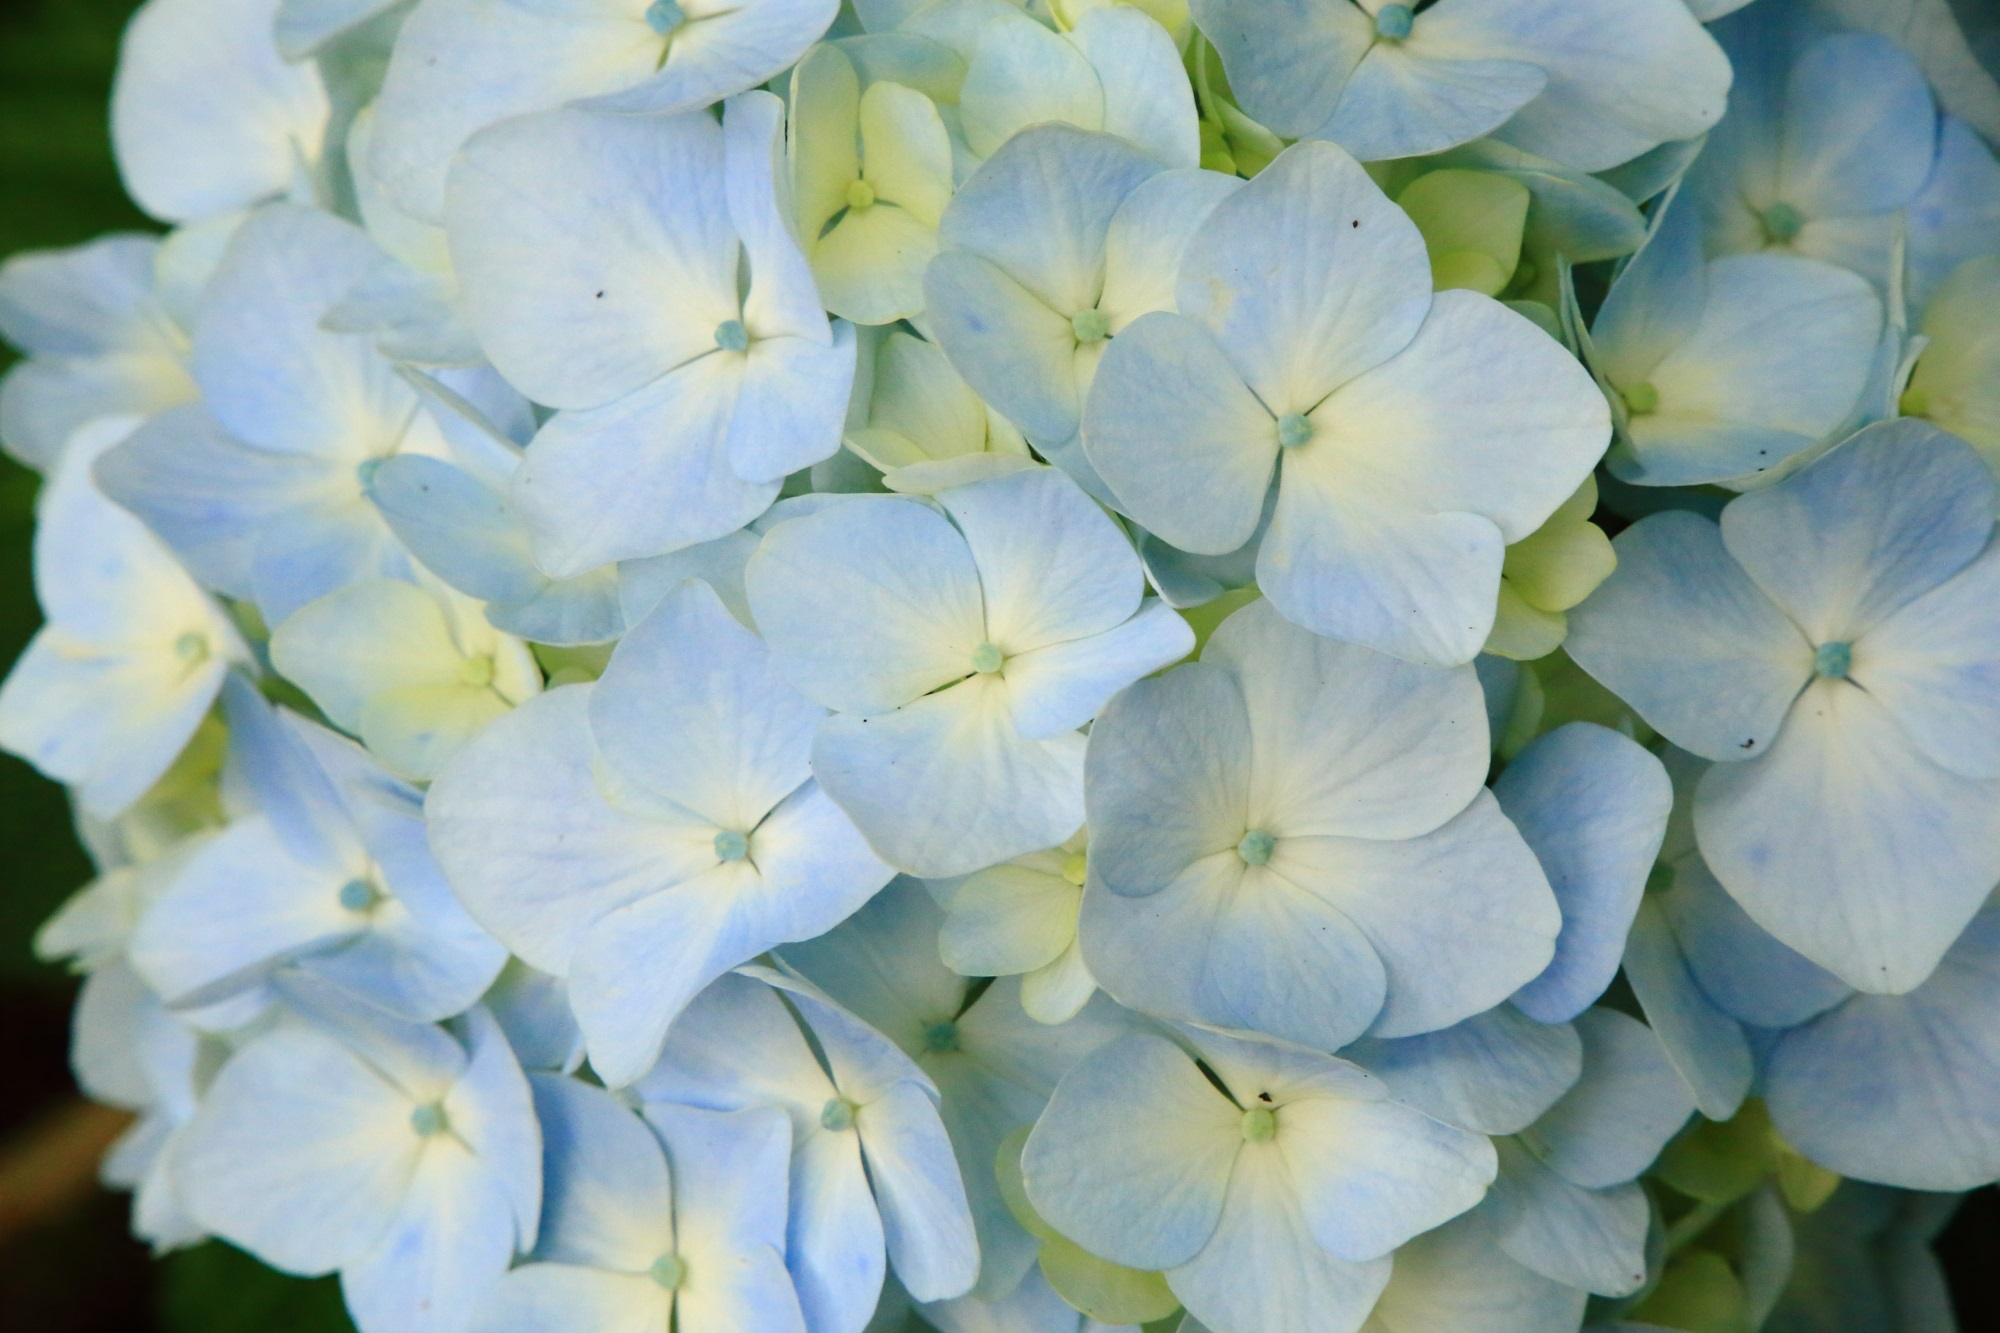 薄い水色とやや黄色も入った感じの優しげな紫陽花